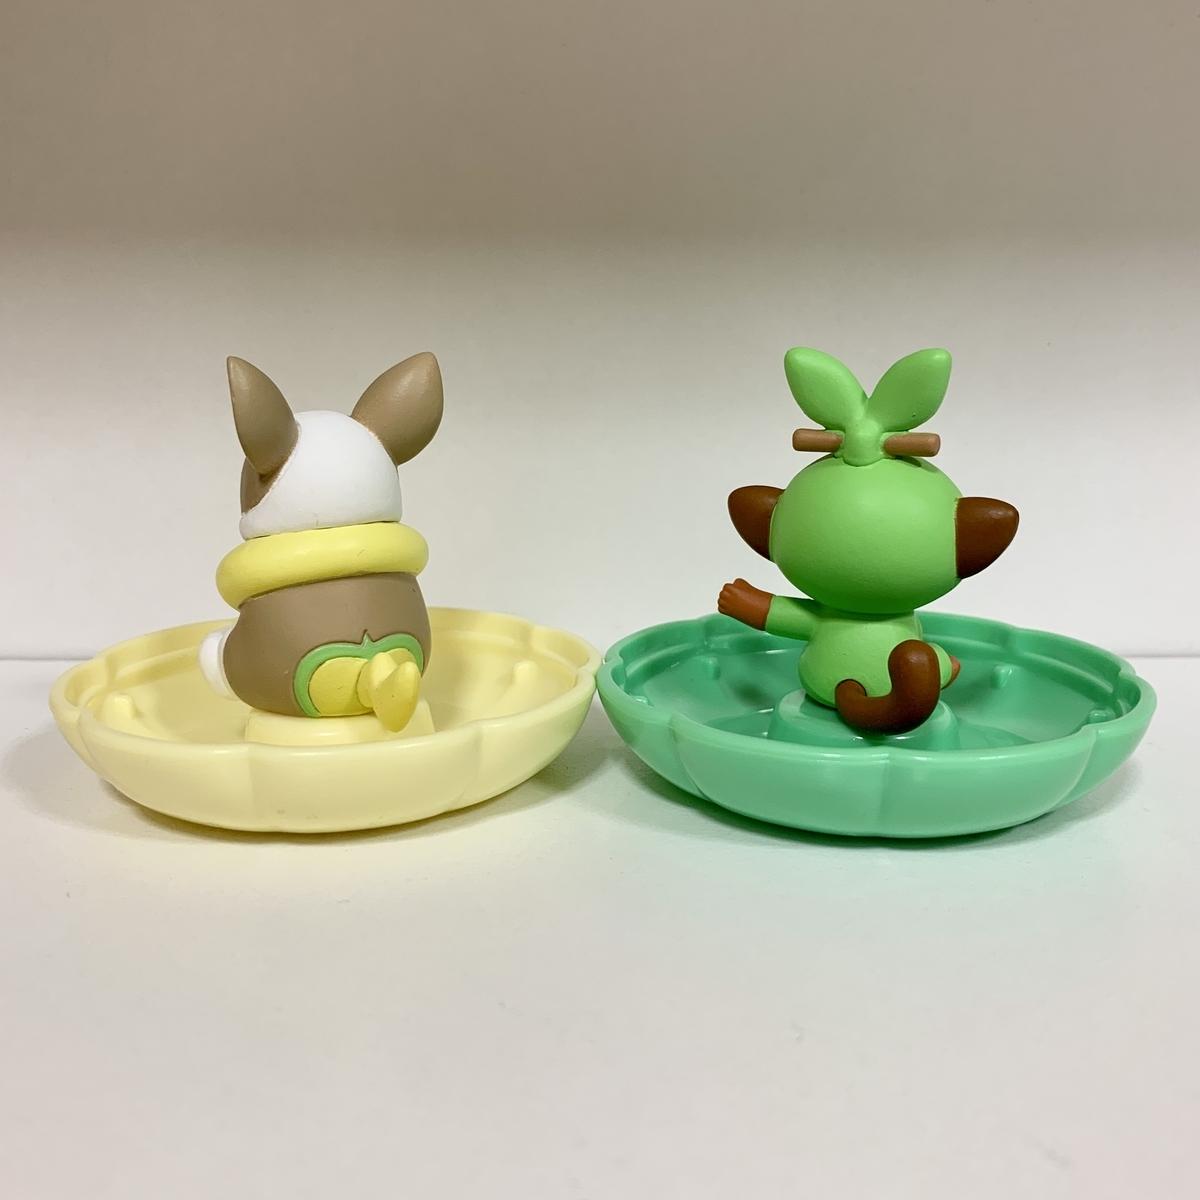 f:id:pikachu_pcn:20210218185353j:plain